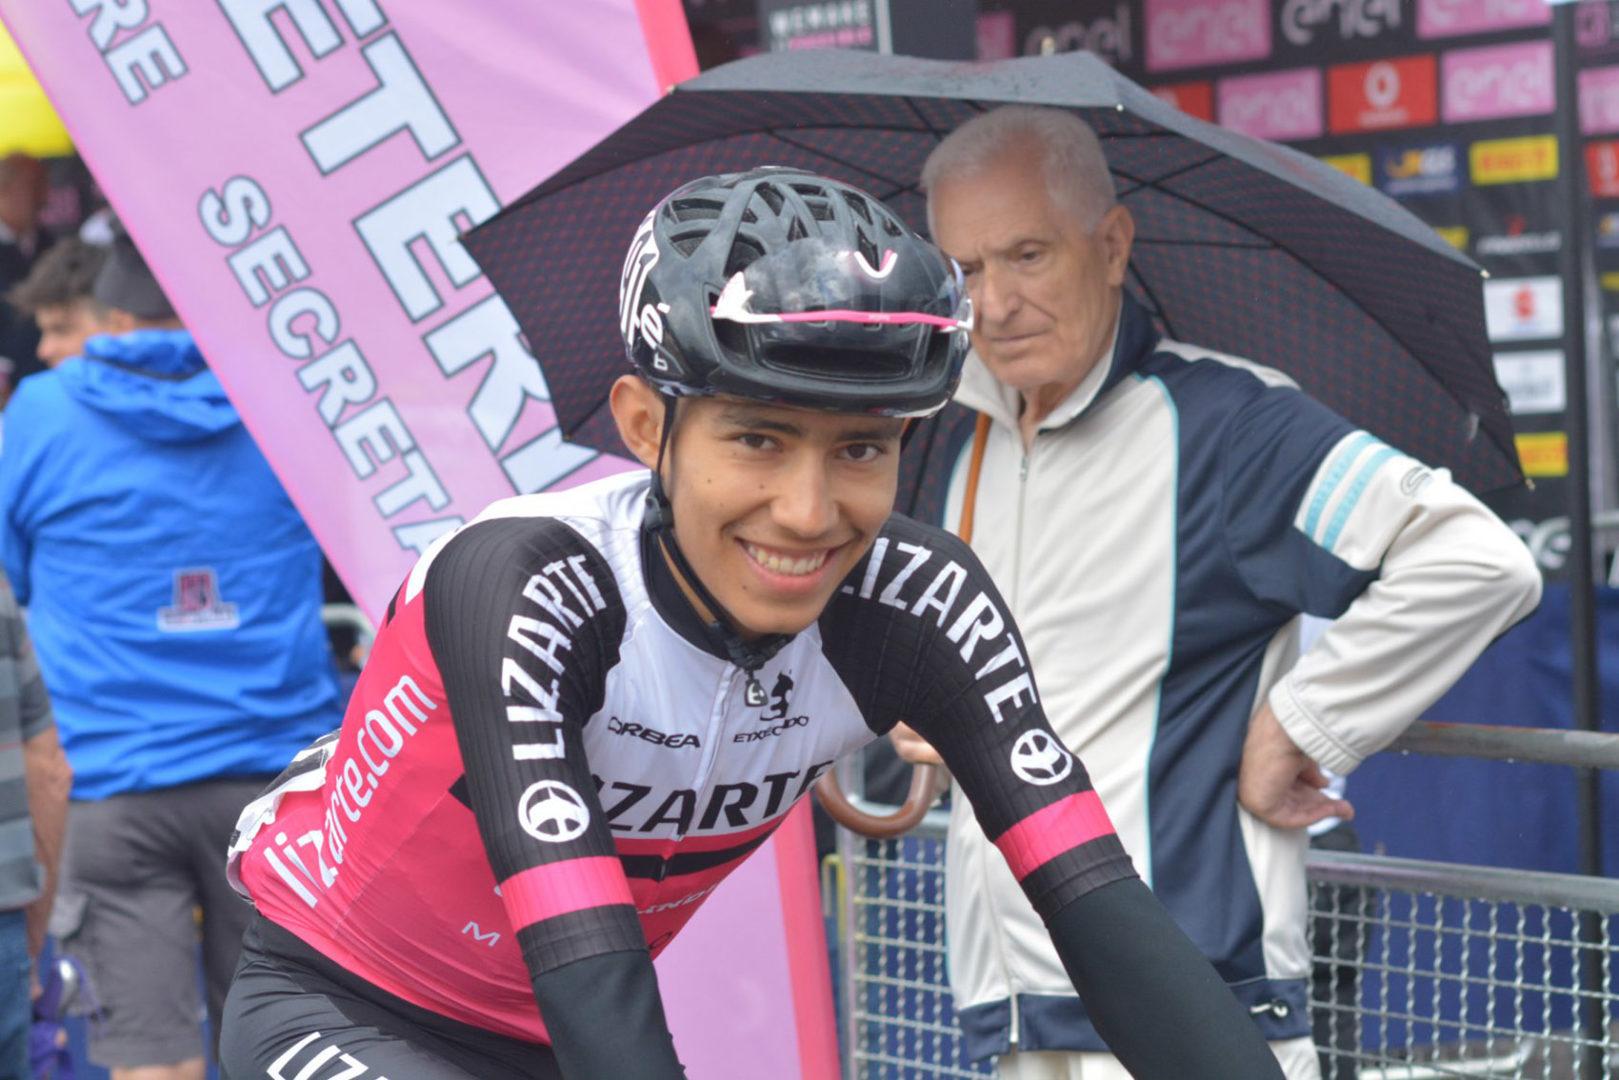 Nicolás Saenz, corredor del Lizarte, es el sexto fichaje del Manzana Postobón para 2019.